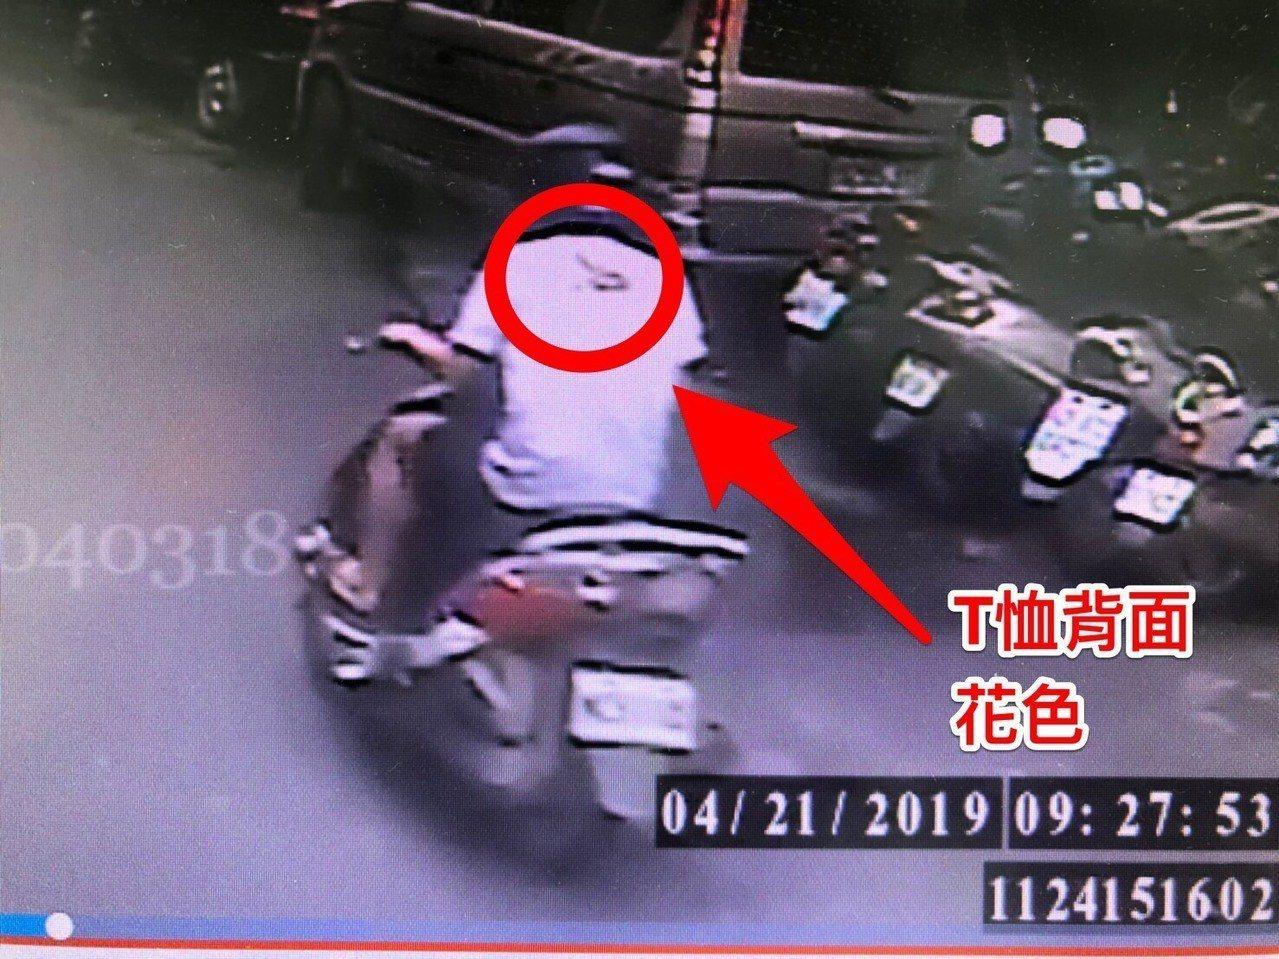 檢警提供畫面,希望民眾協尋泰山小姊弟的吳姓生父。記者林昭彰/翻攝